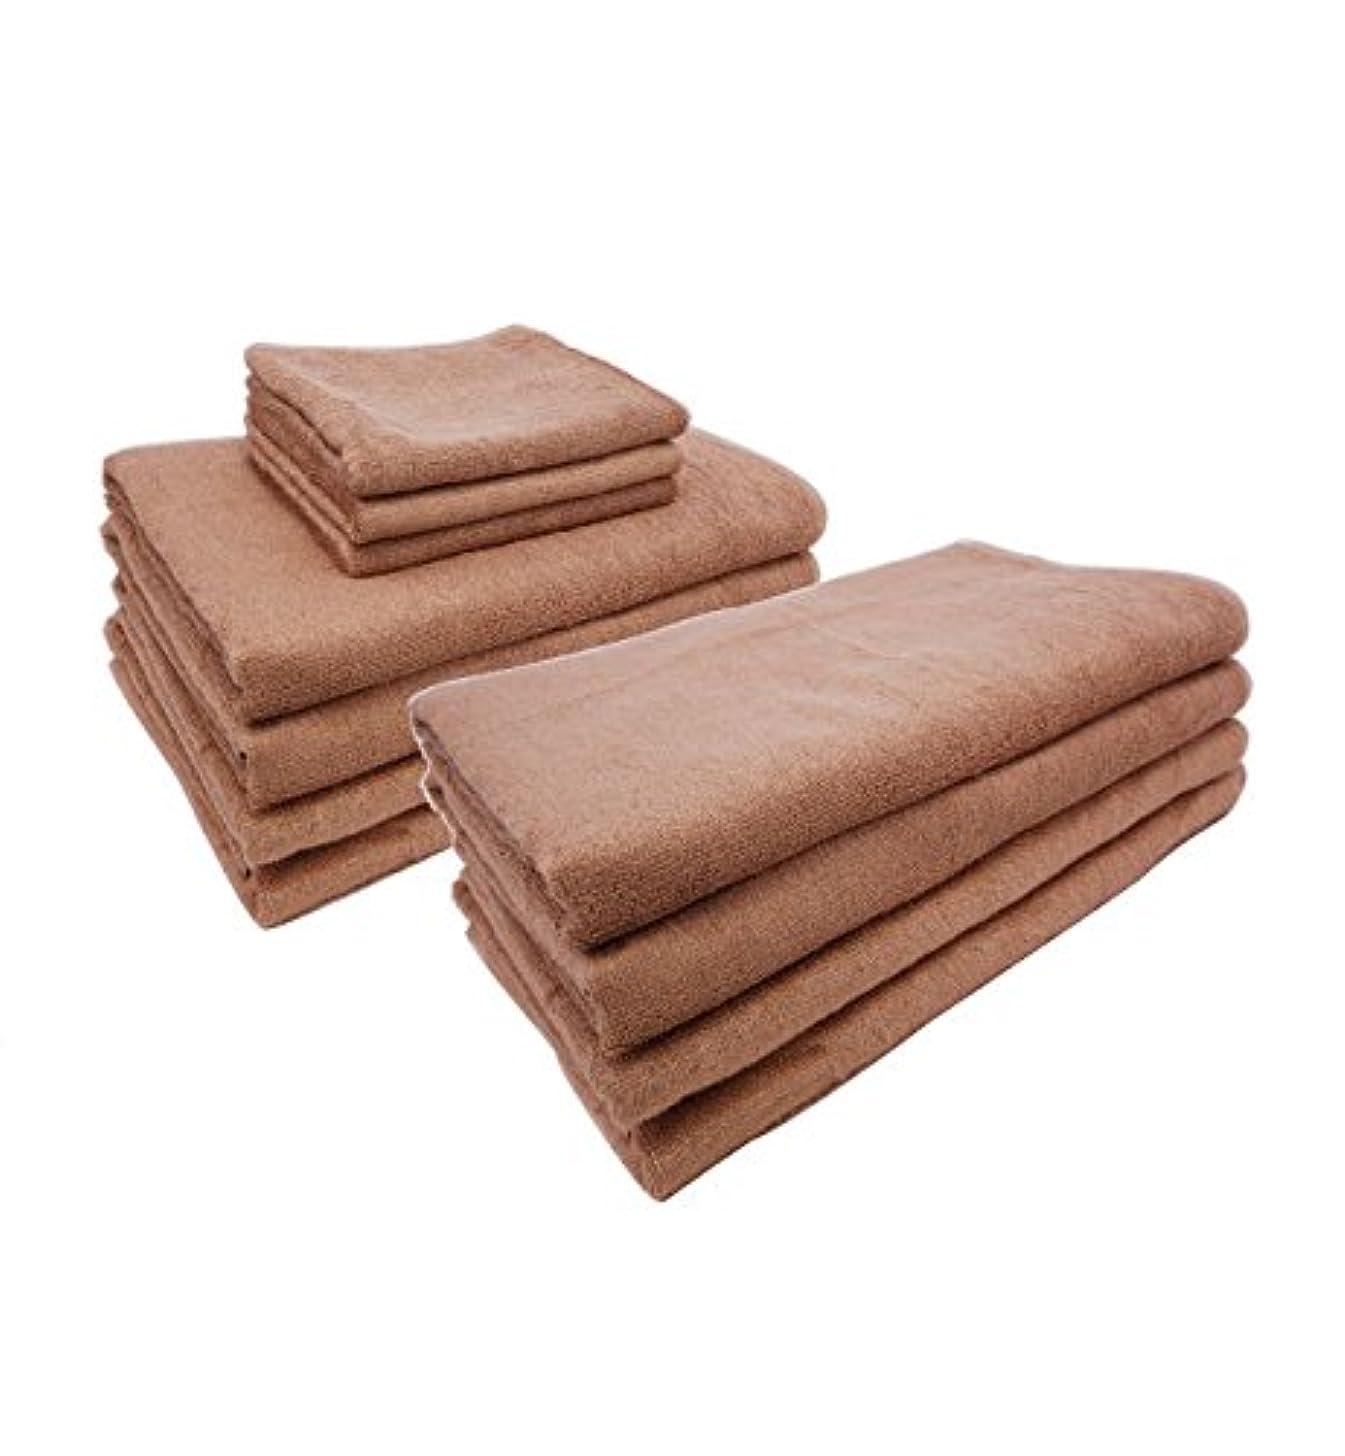 懐疑的回答付録業務用タオル まとめ売り やわらか バンブー 竹繊維 バスタオルL(ソフトベージュ10枚) 80×150cm 竹タオル